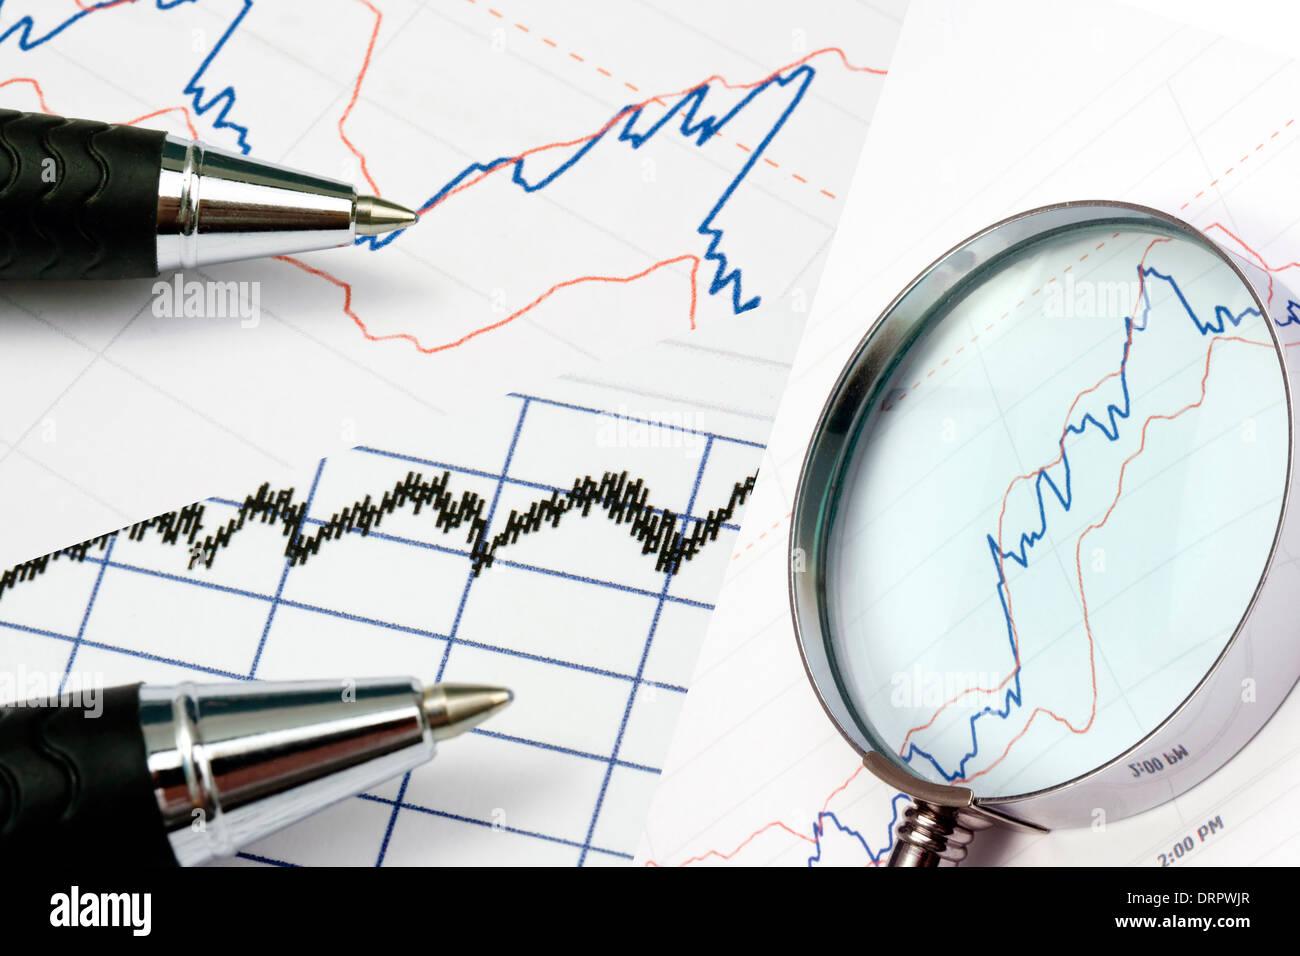 Analyzing bussiness grapgic - Stock Image